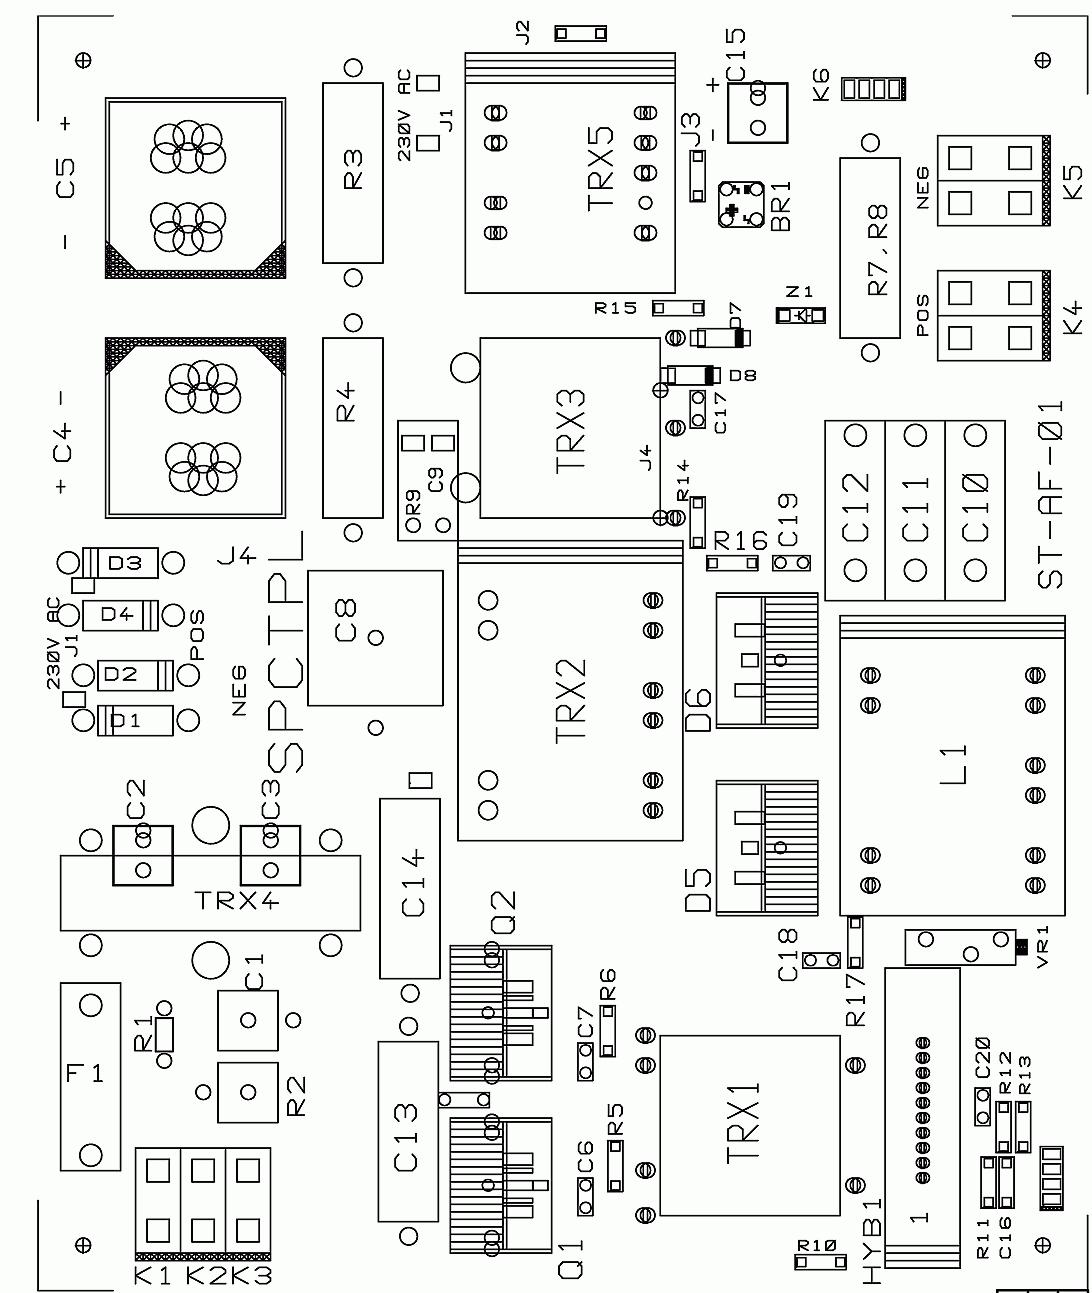 smps  u2013 delabs schematics  u2013 electronic circuits